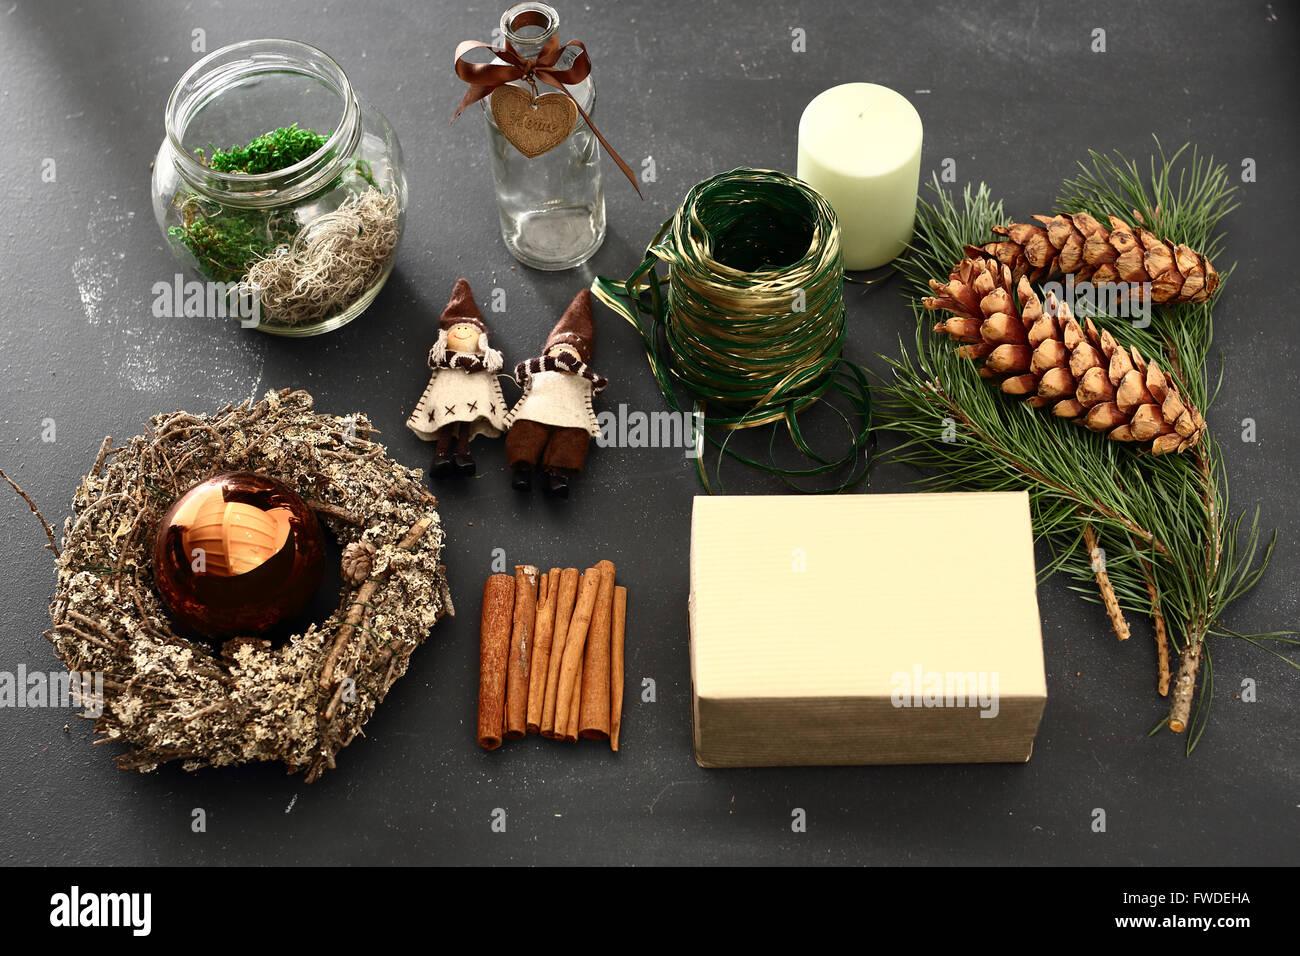 adventskranz weihnachtsschmuck weihnachten weihnachten. Black Bedroom Furniture Sets. Home Design Ideas